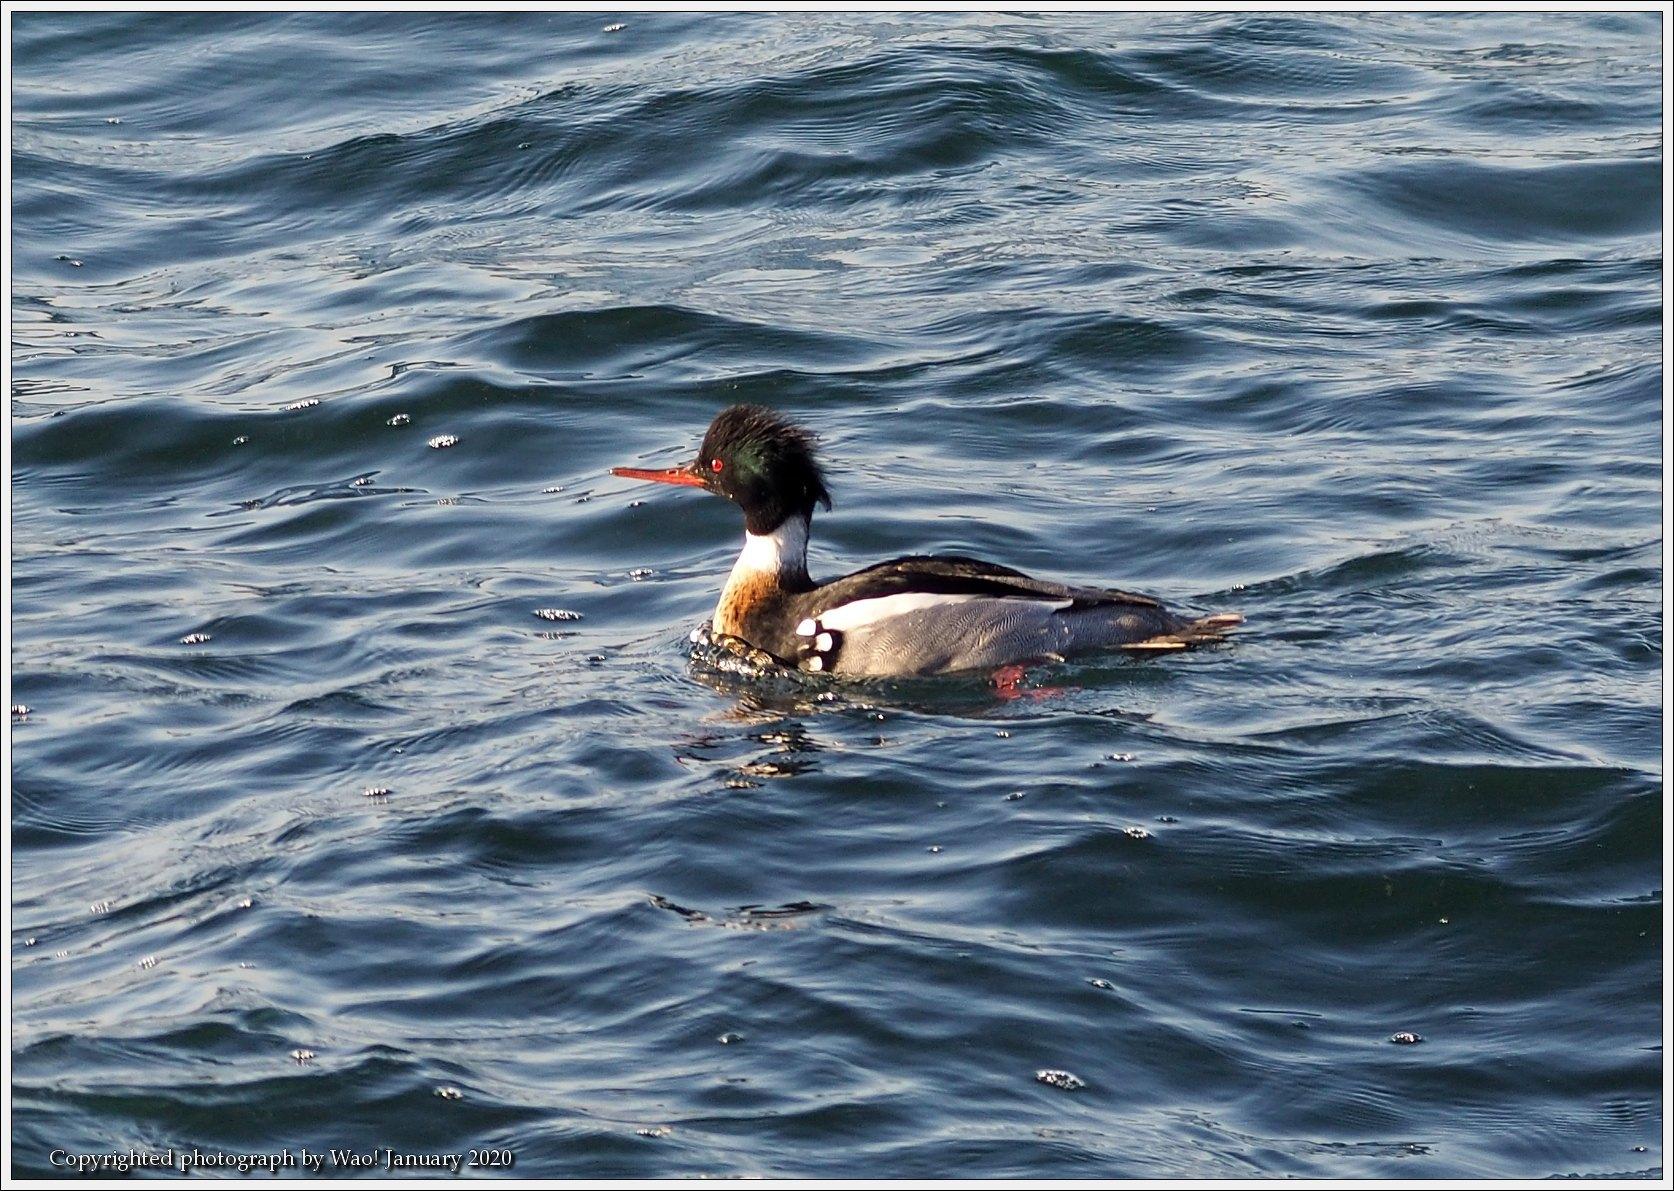 ウミアイサ 内湾で_c0198669_17495155.jpg